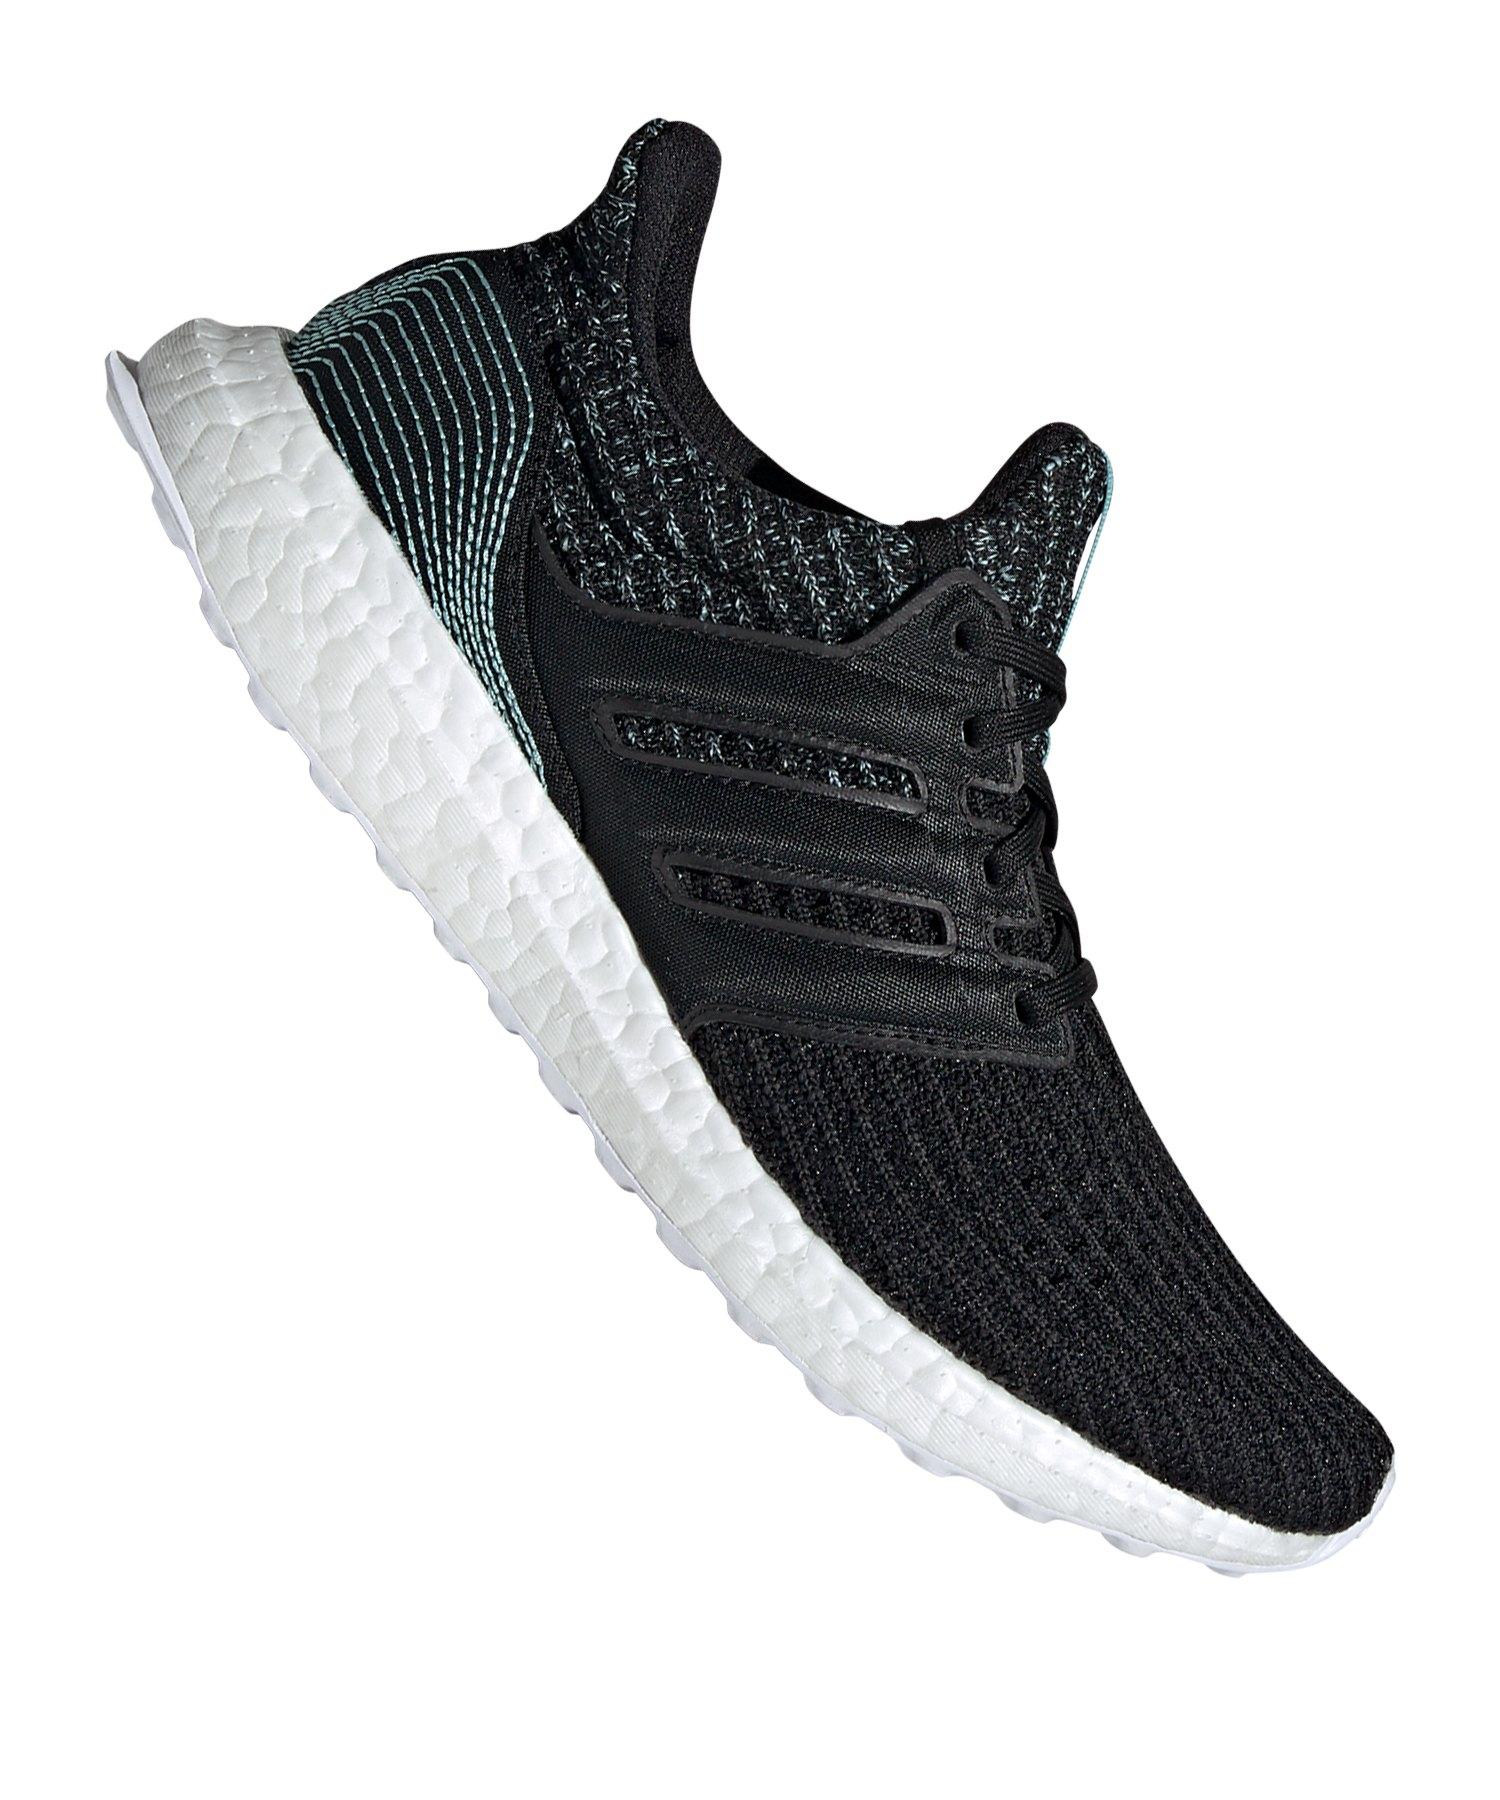 adidas Ultra Boost Parley Sneaker Damen Schwarz - schwarz